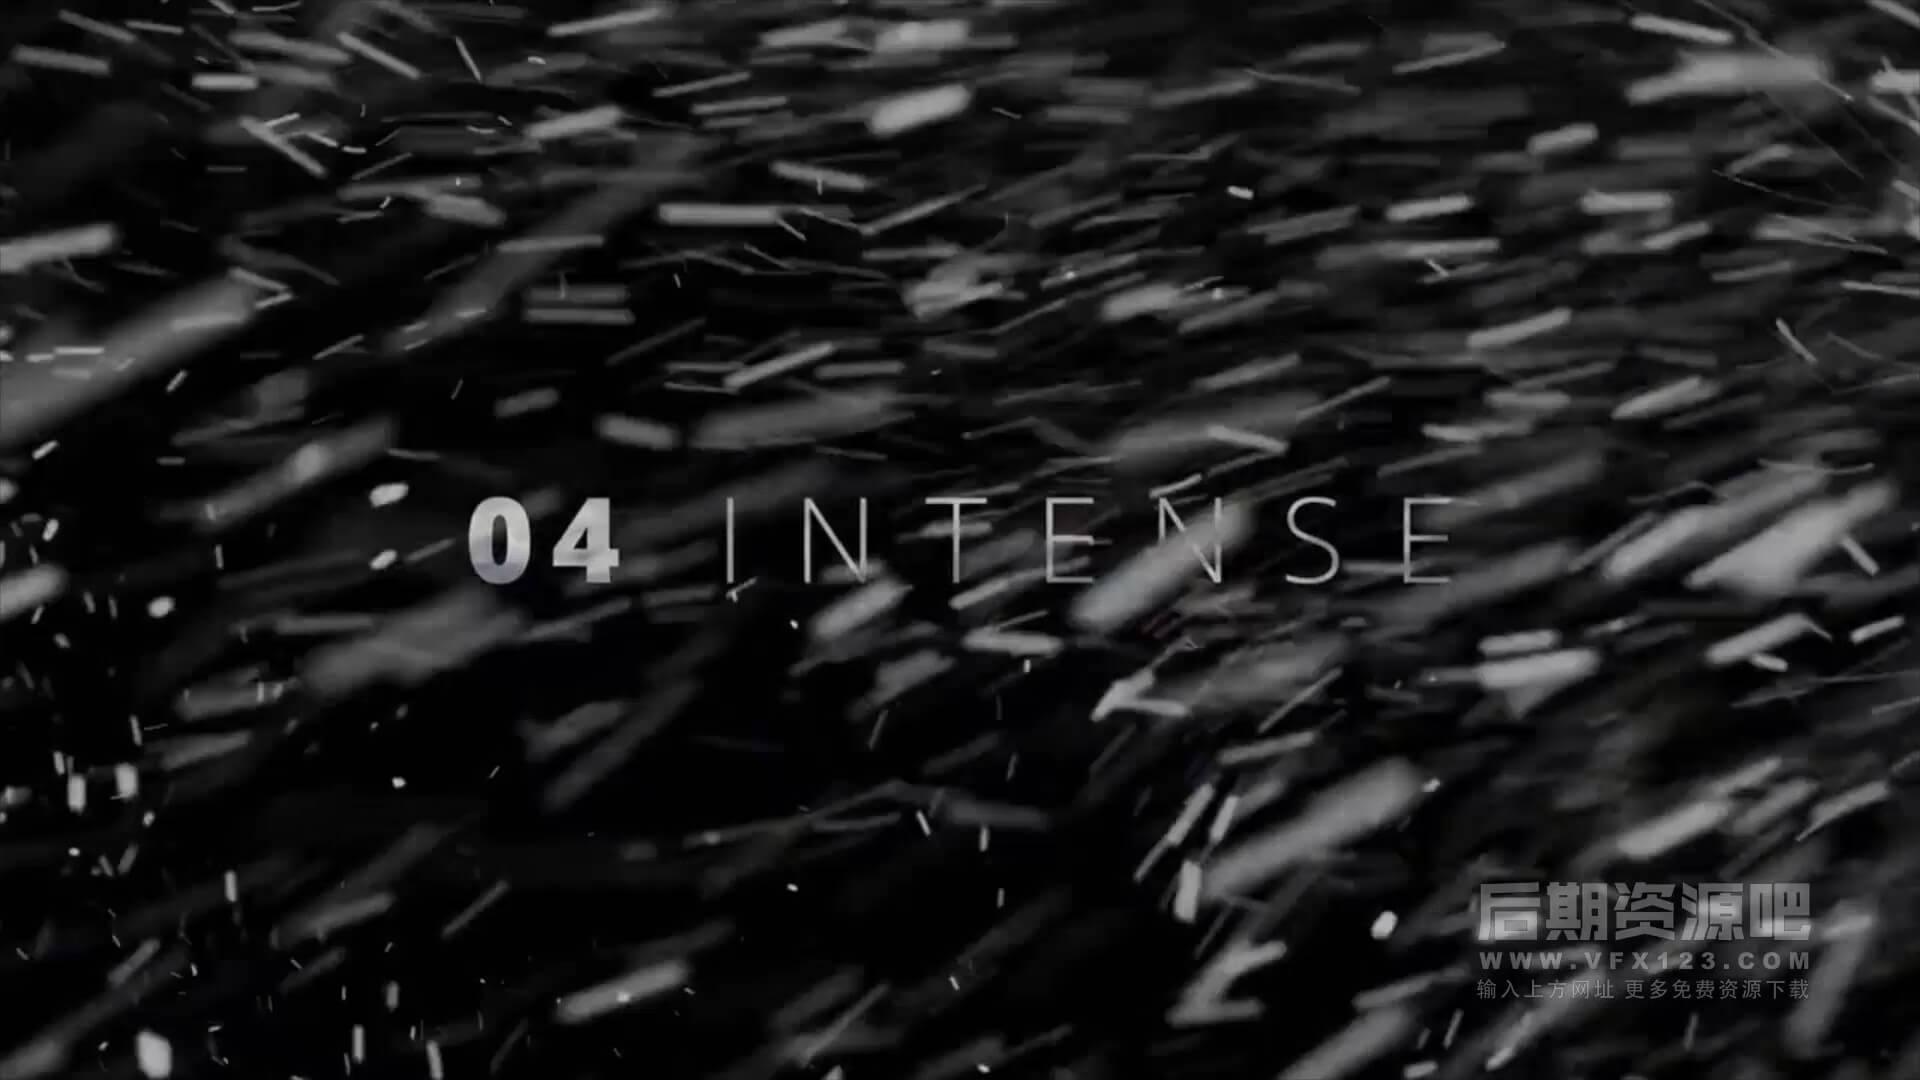 视频素材 120个4K下雪飘雪电影特效合成素材 Lens Distortions SNOW